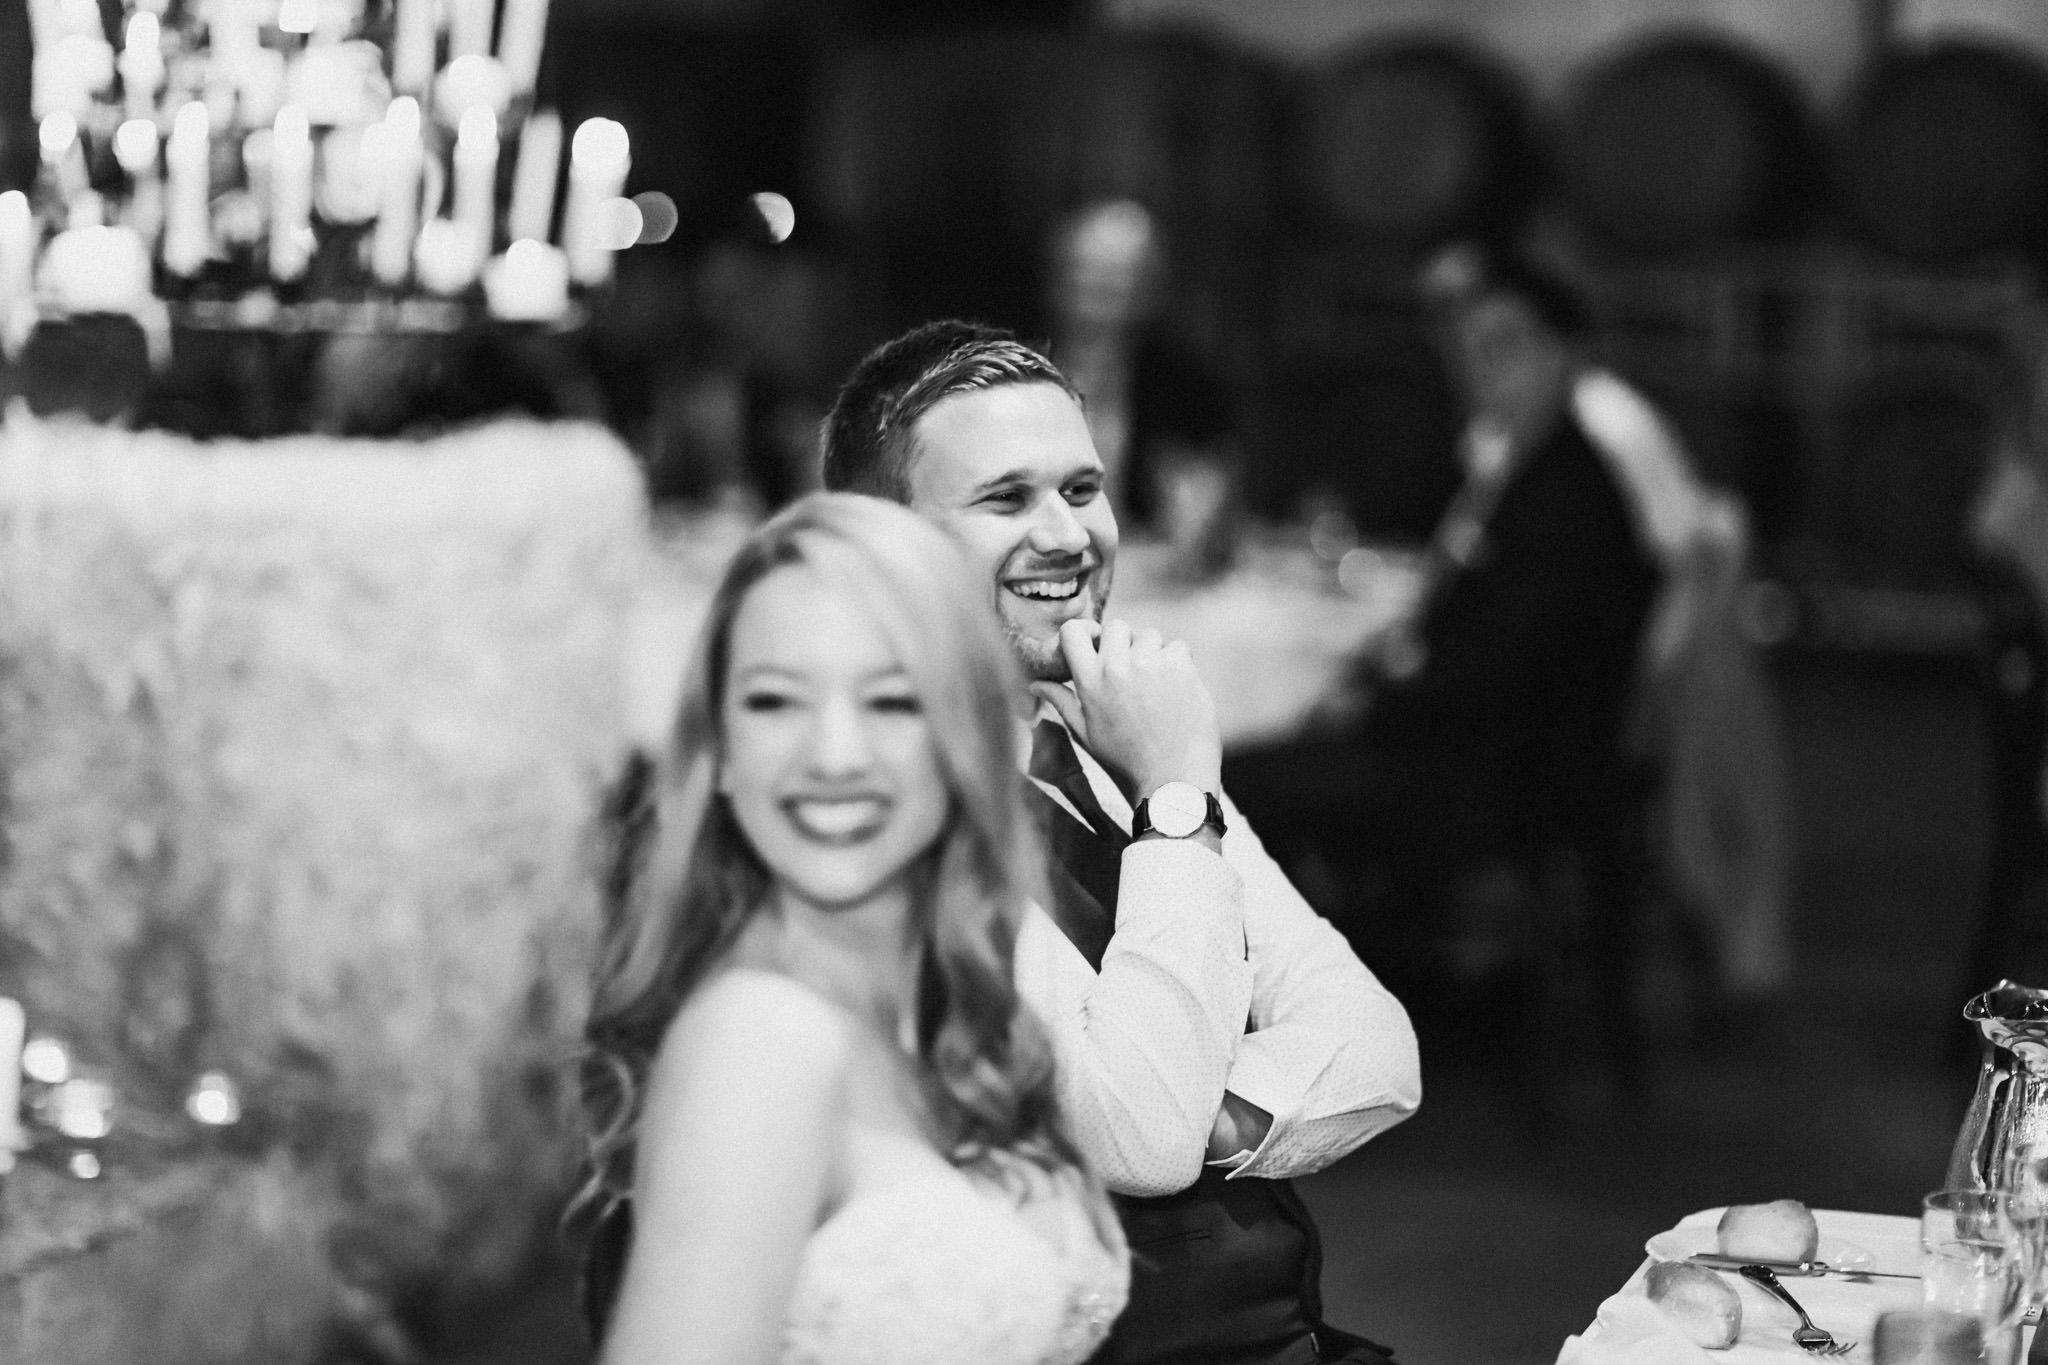 WeddingPhotos_Facebook_2048pixels-1125.jpg